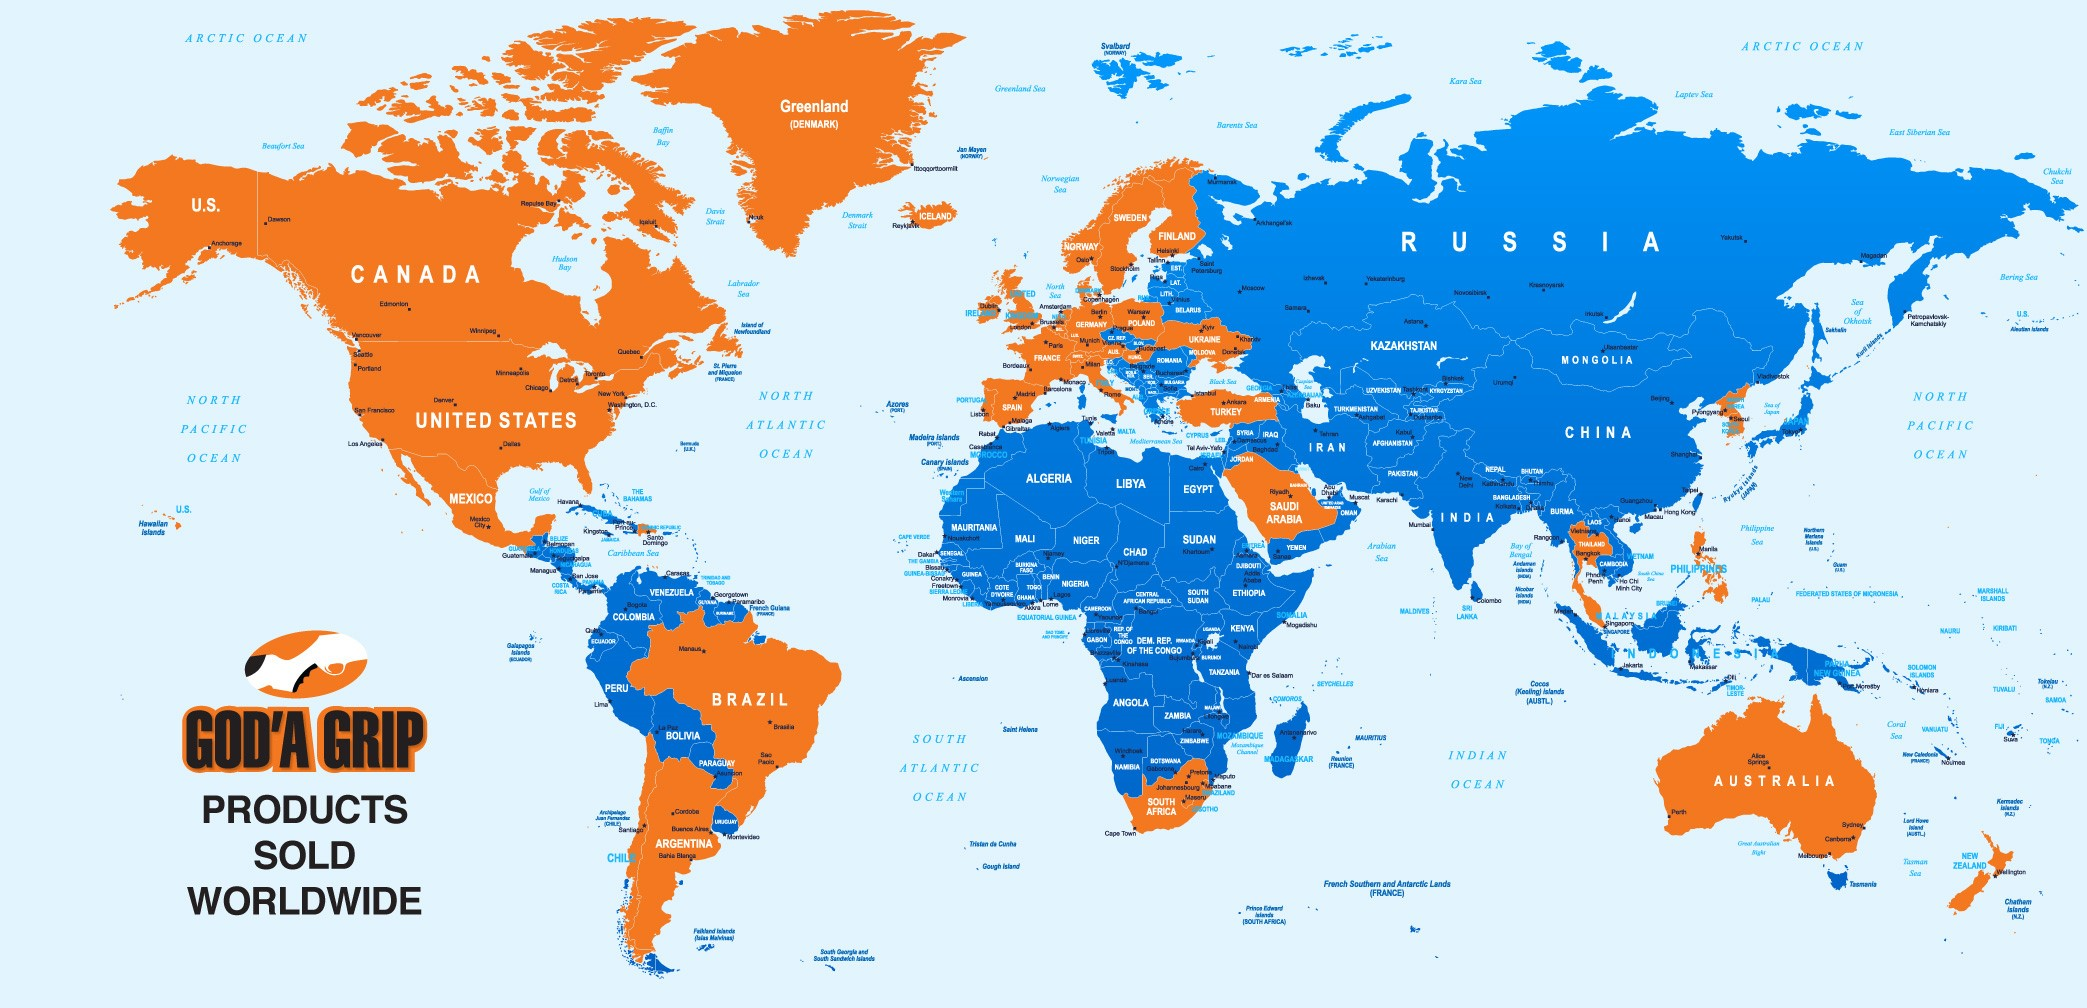 God'A grip Map